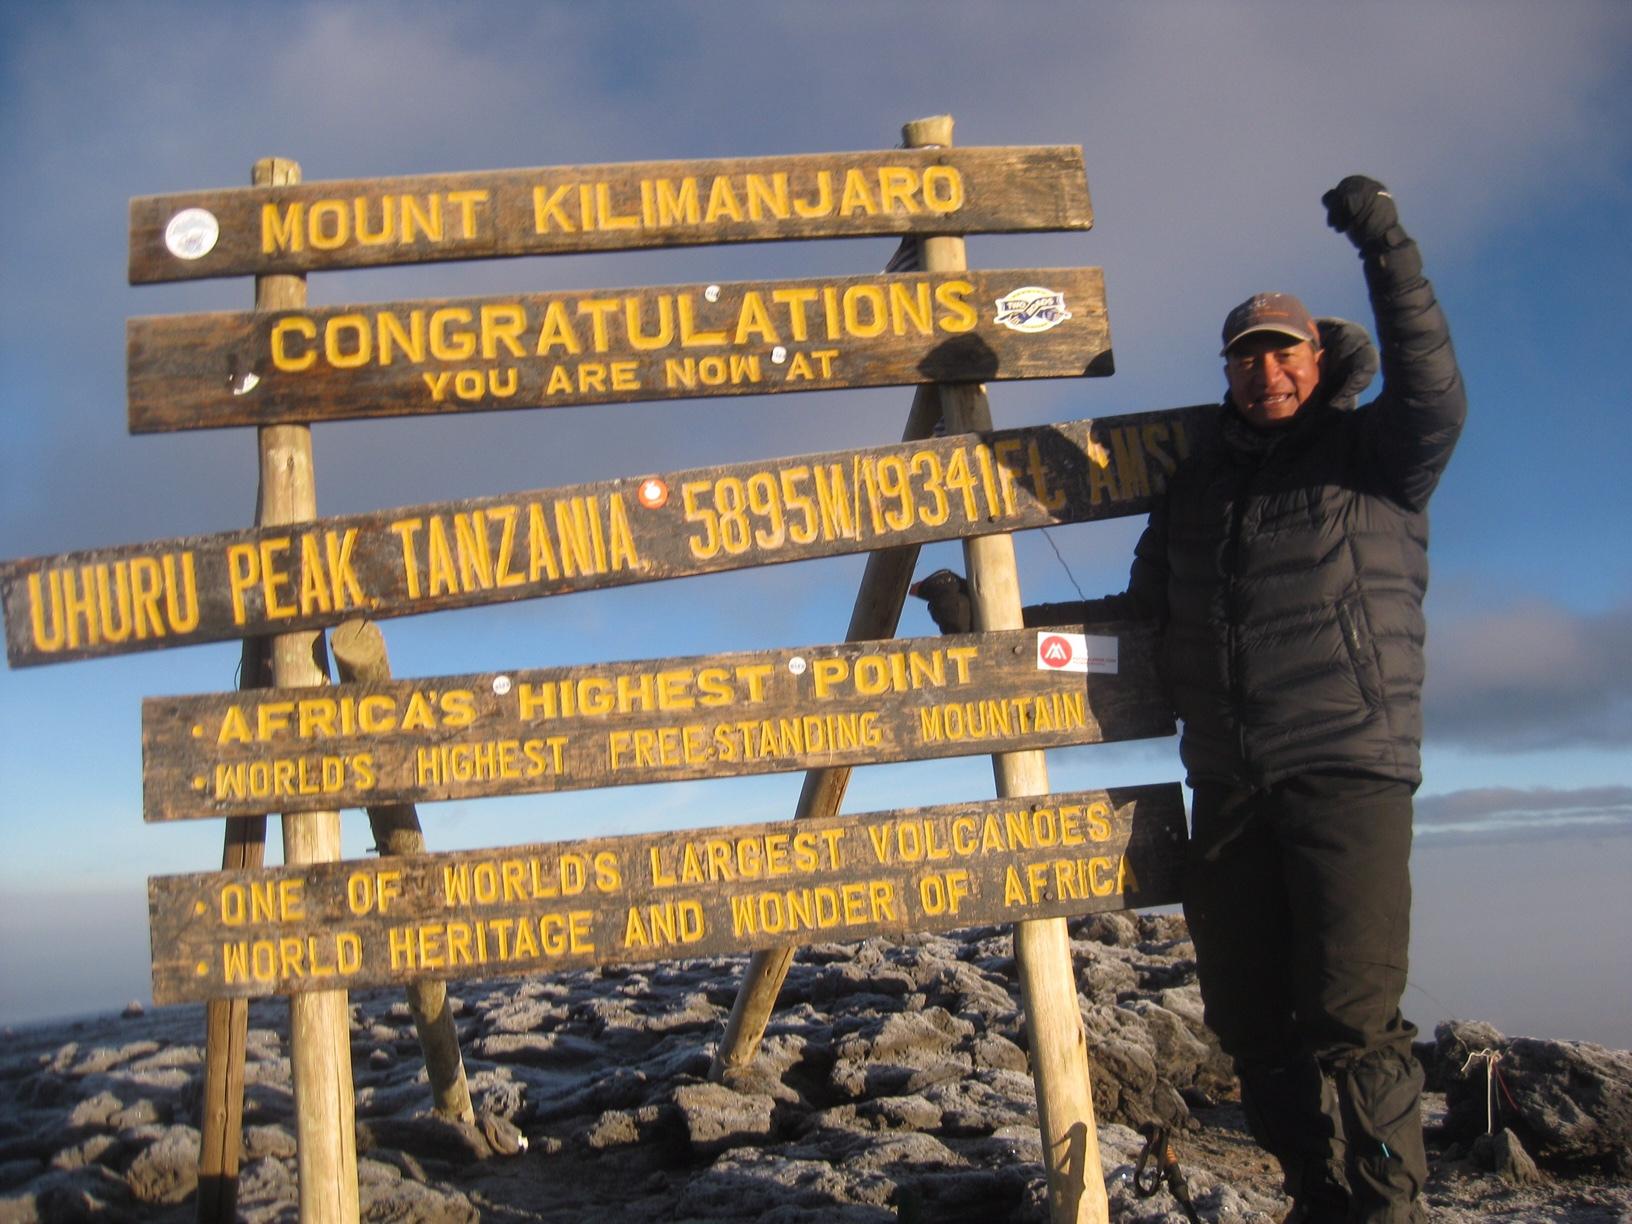 Peter Kinsman - Mount Kilimanjaro